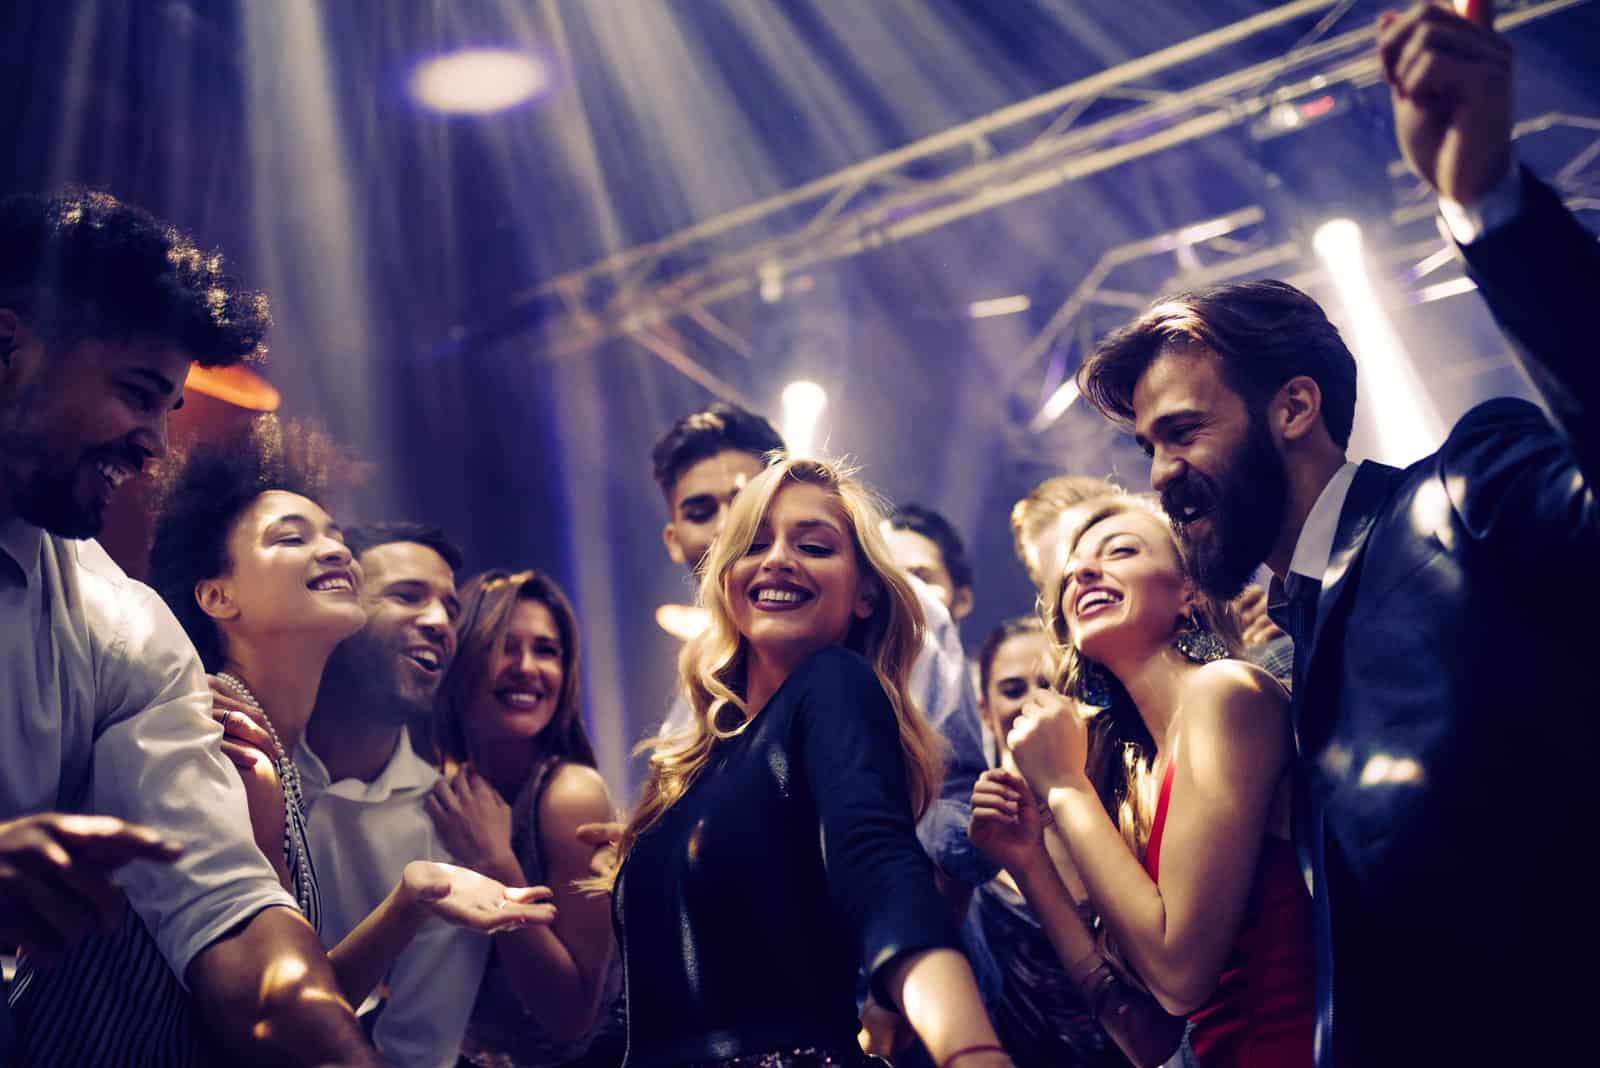 une femme avec des amis lors d'une fête